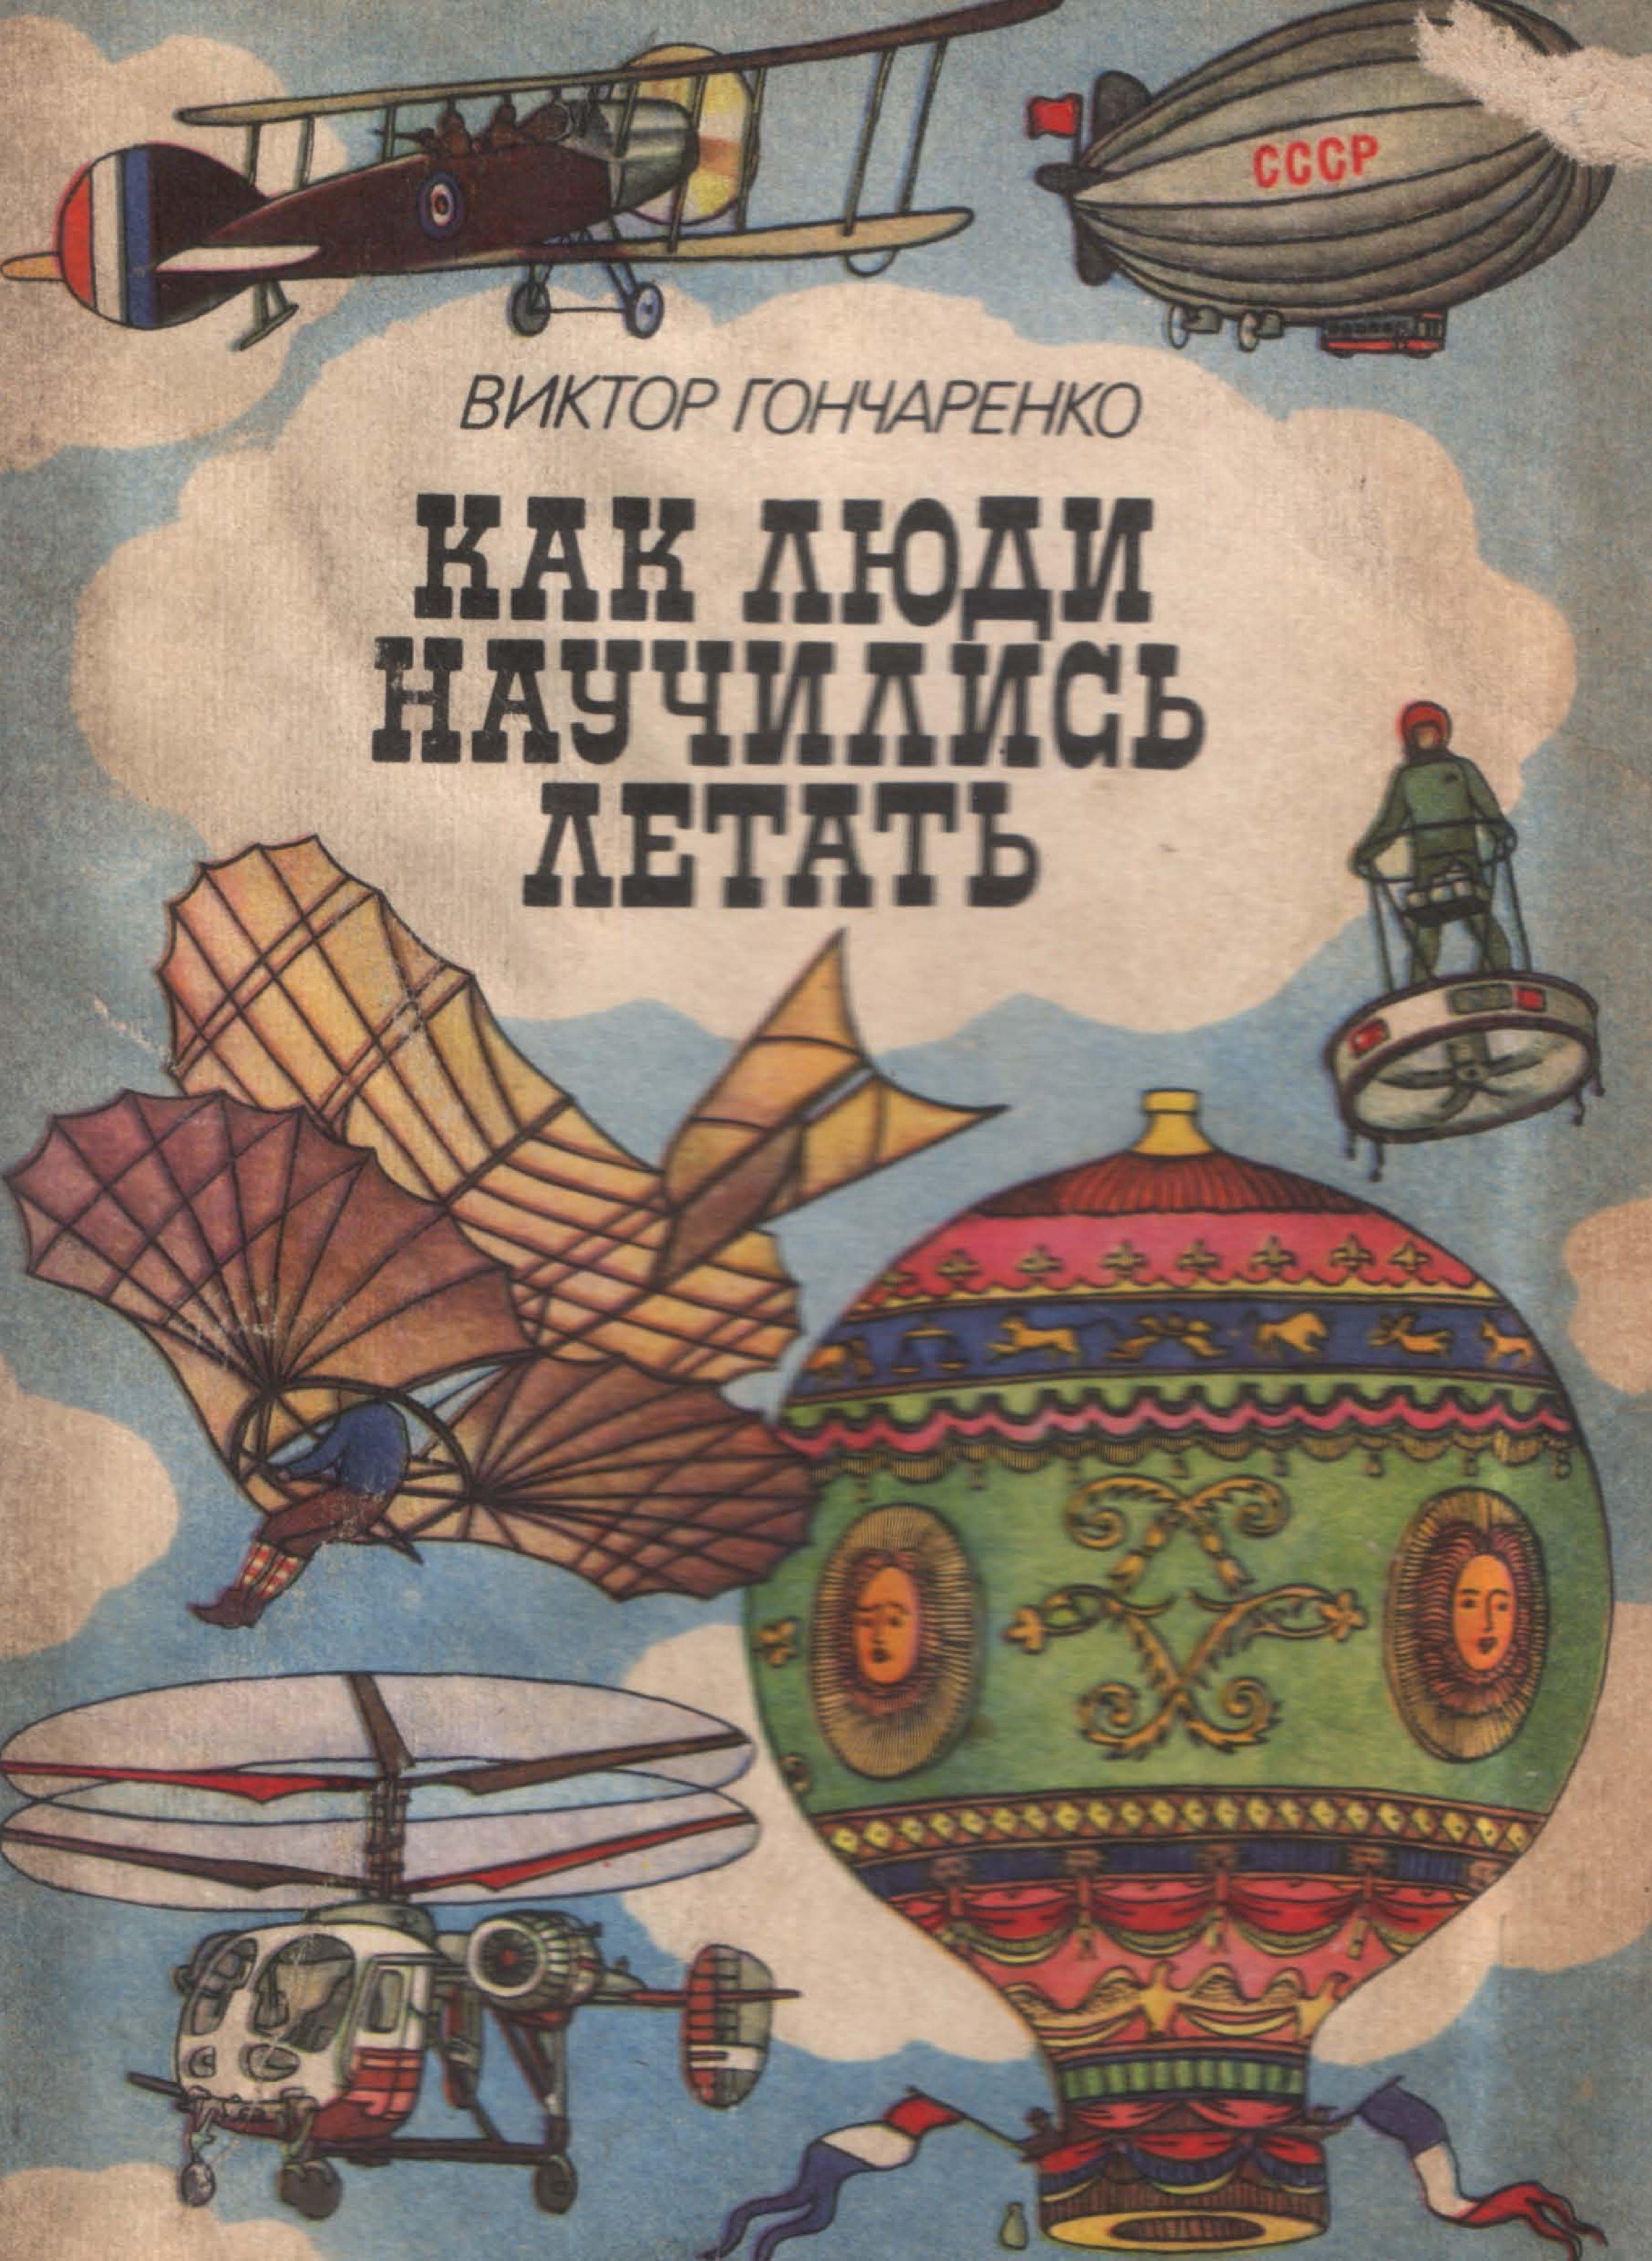 Обложка книги Как люди научились летать. (Изд. 2е) (Гончаренко В.В.)